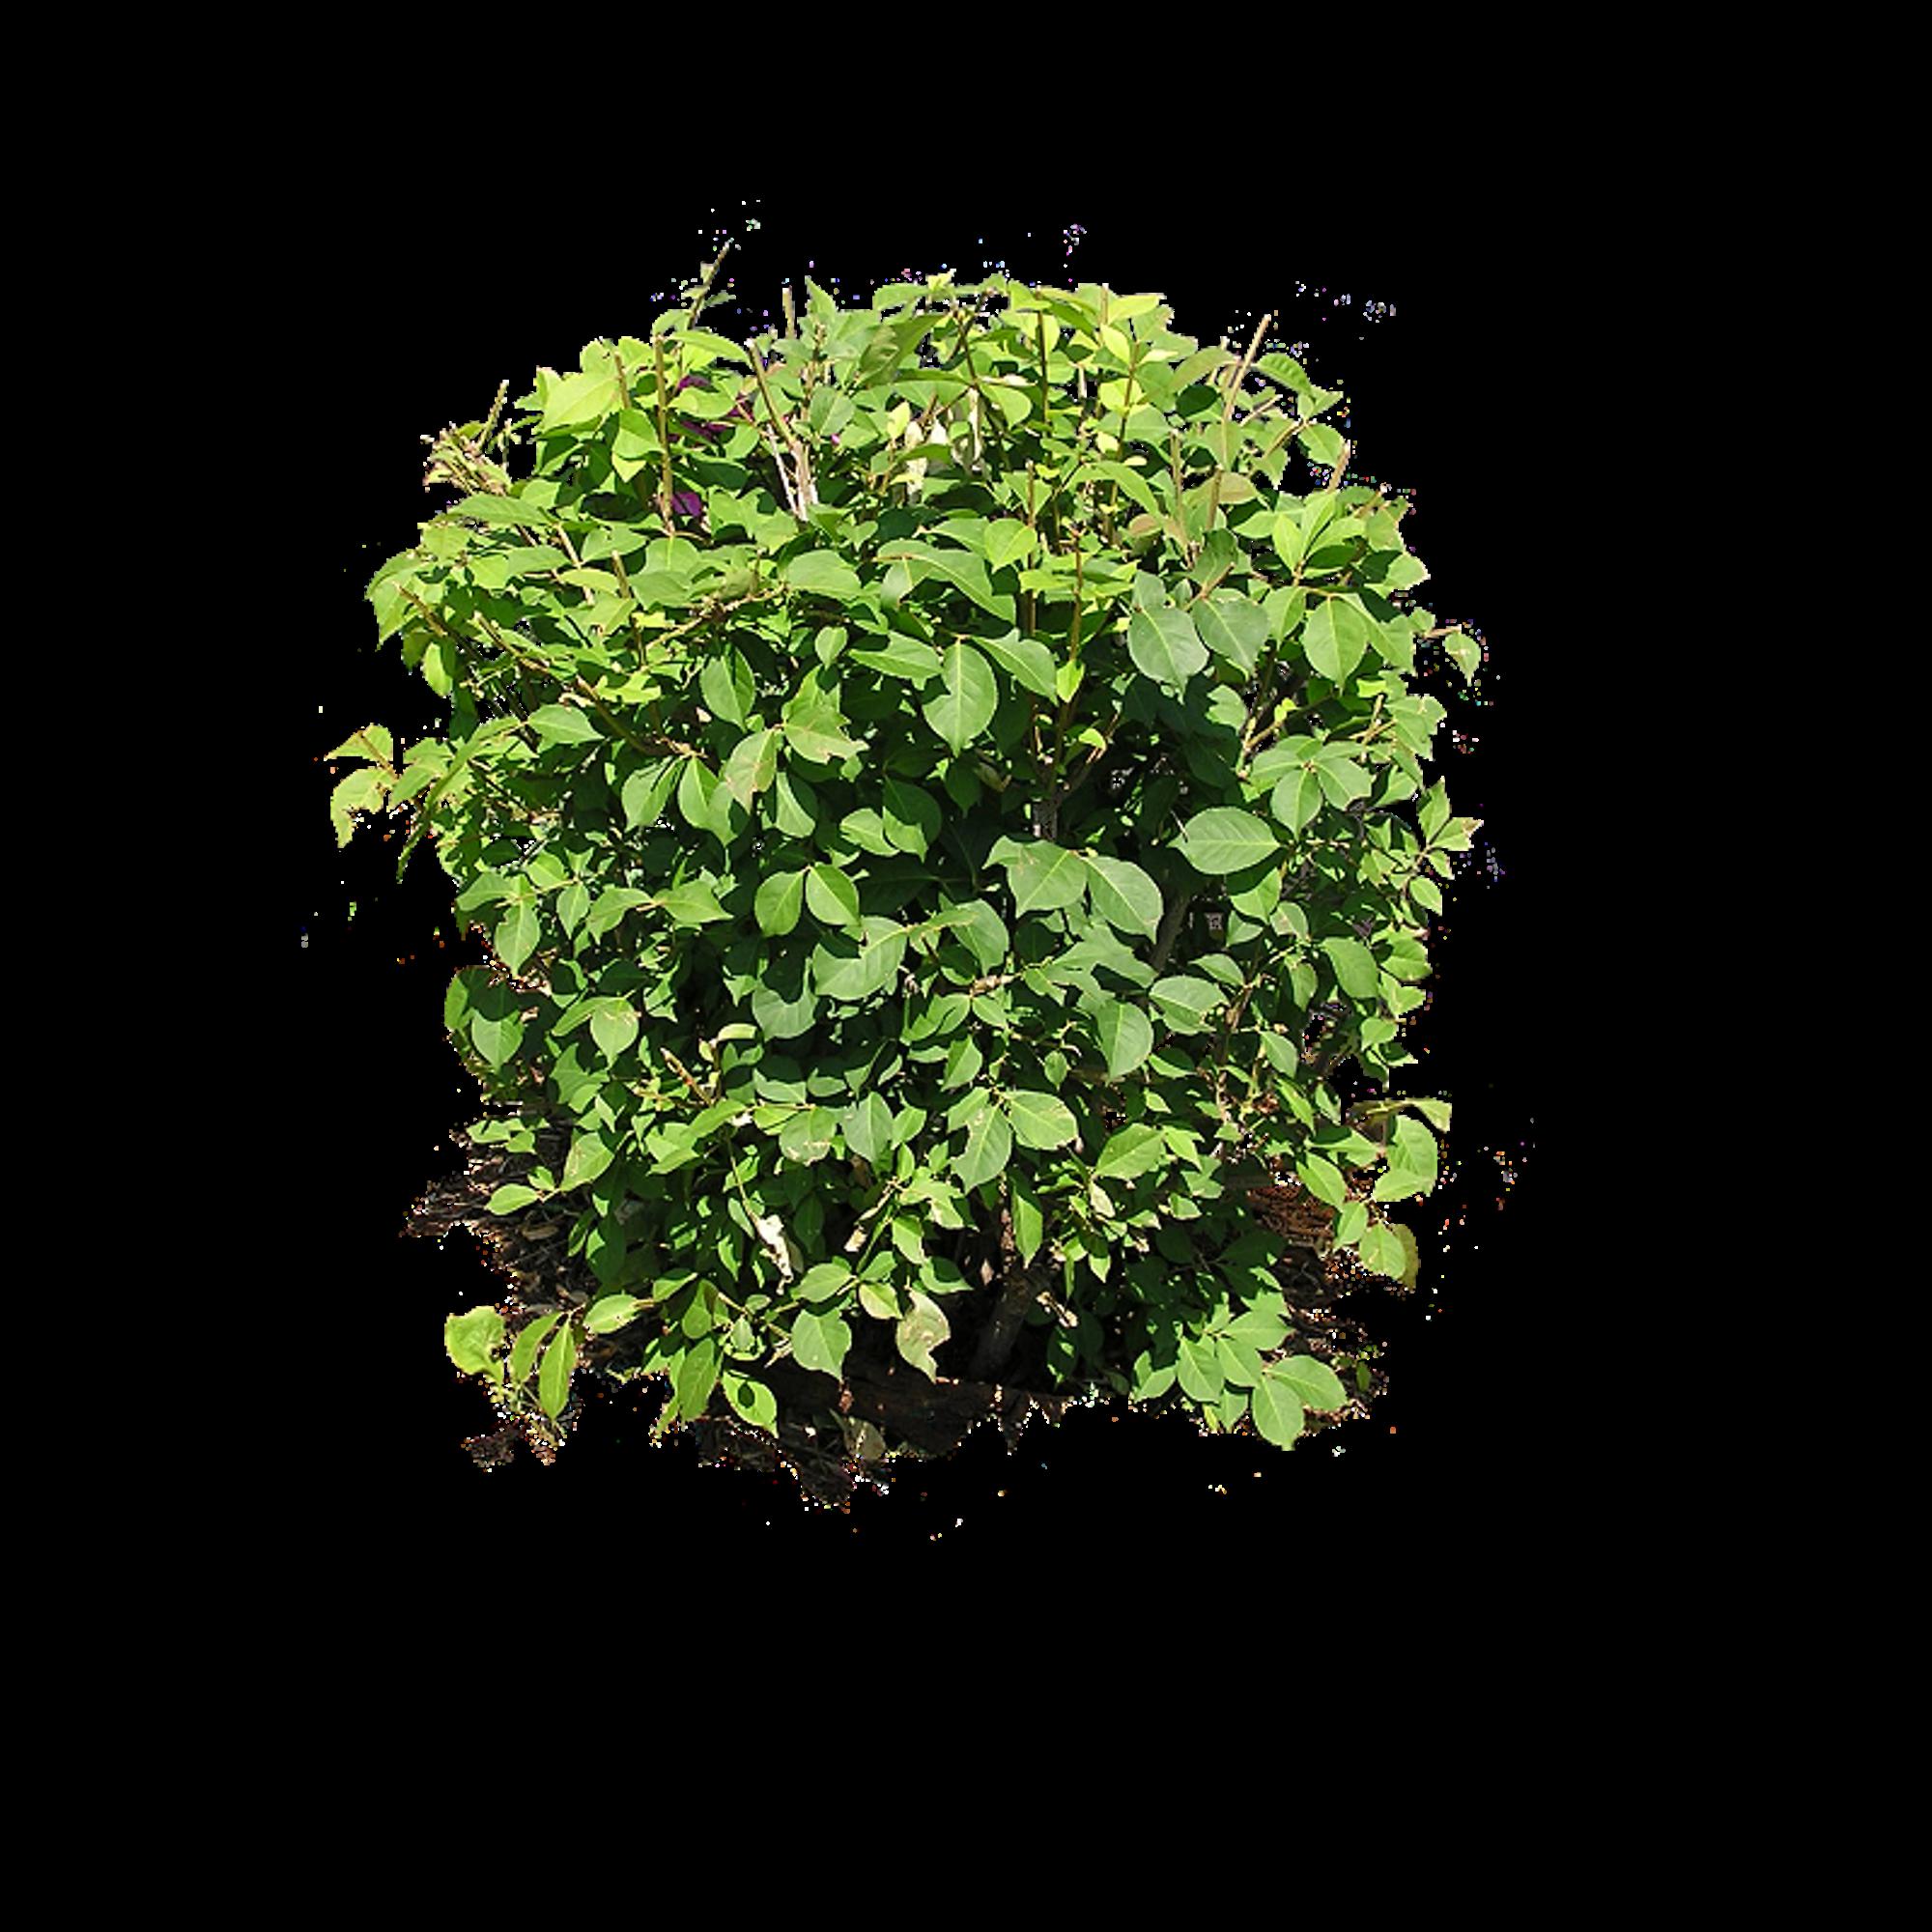 Bush png image pinterest. Plants clipart native plant